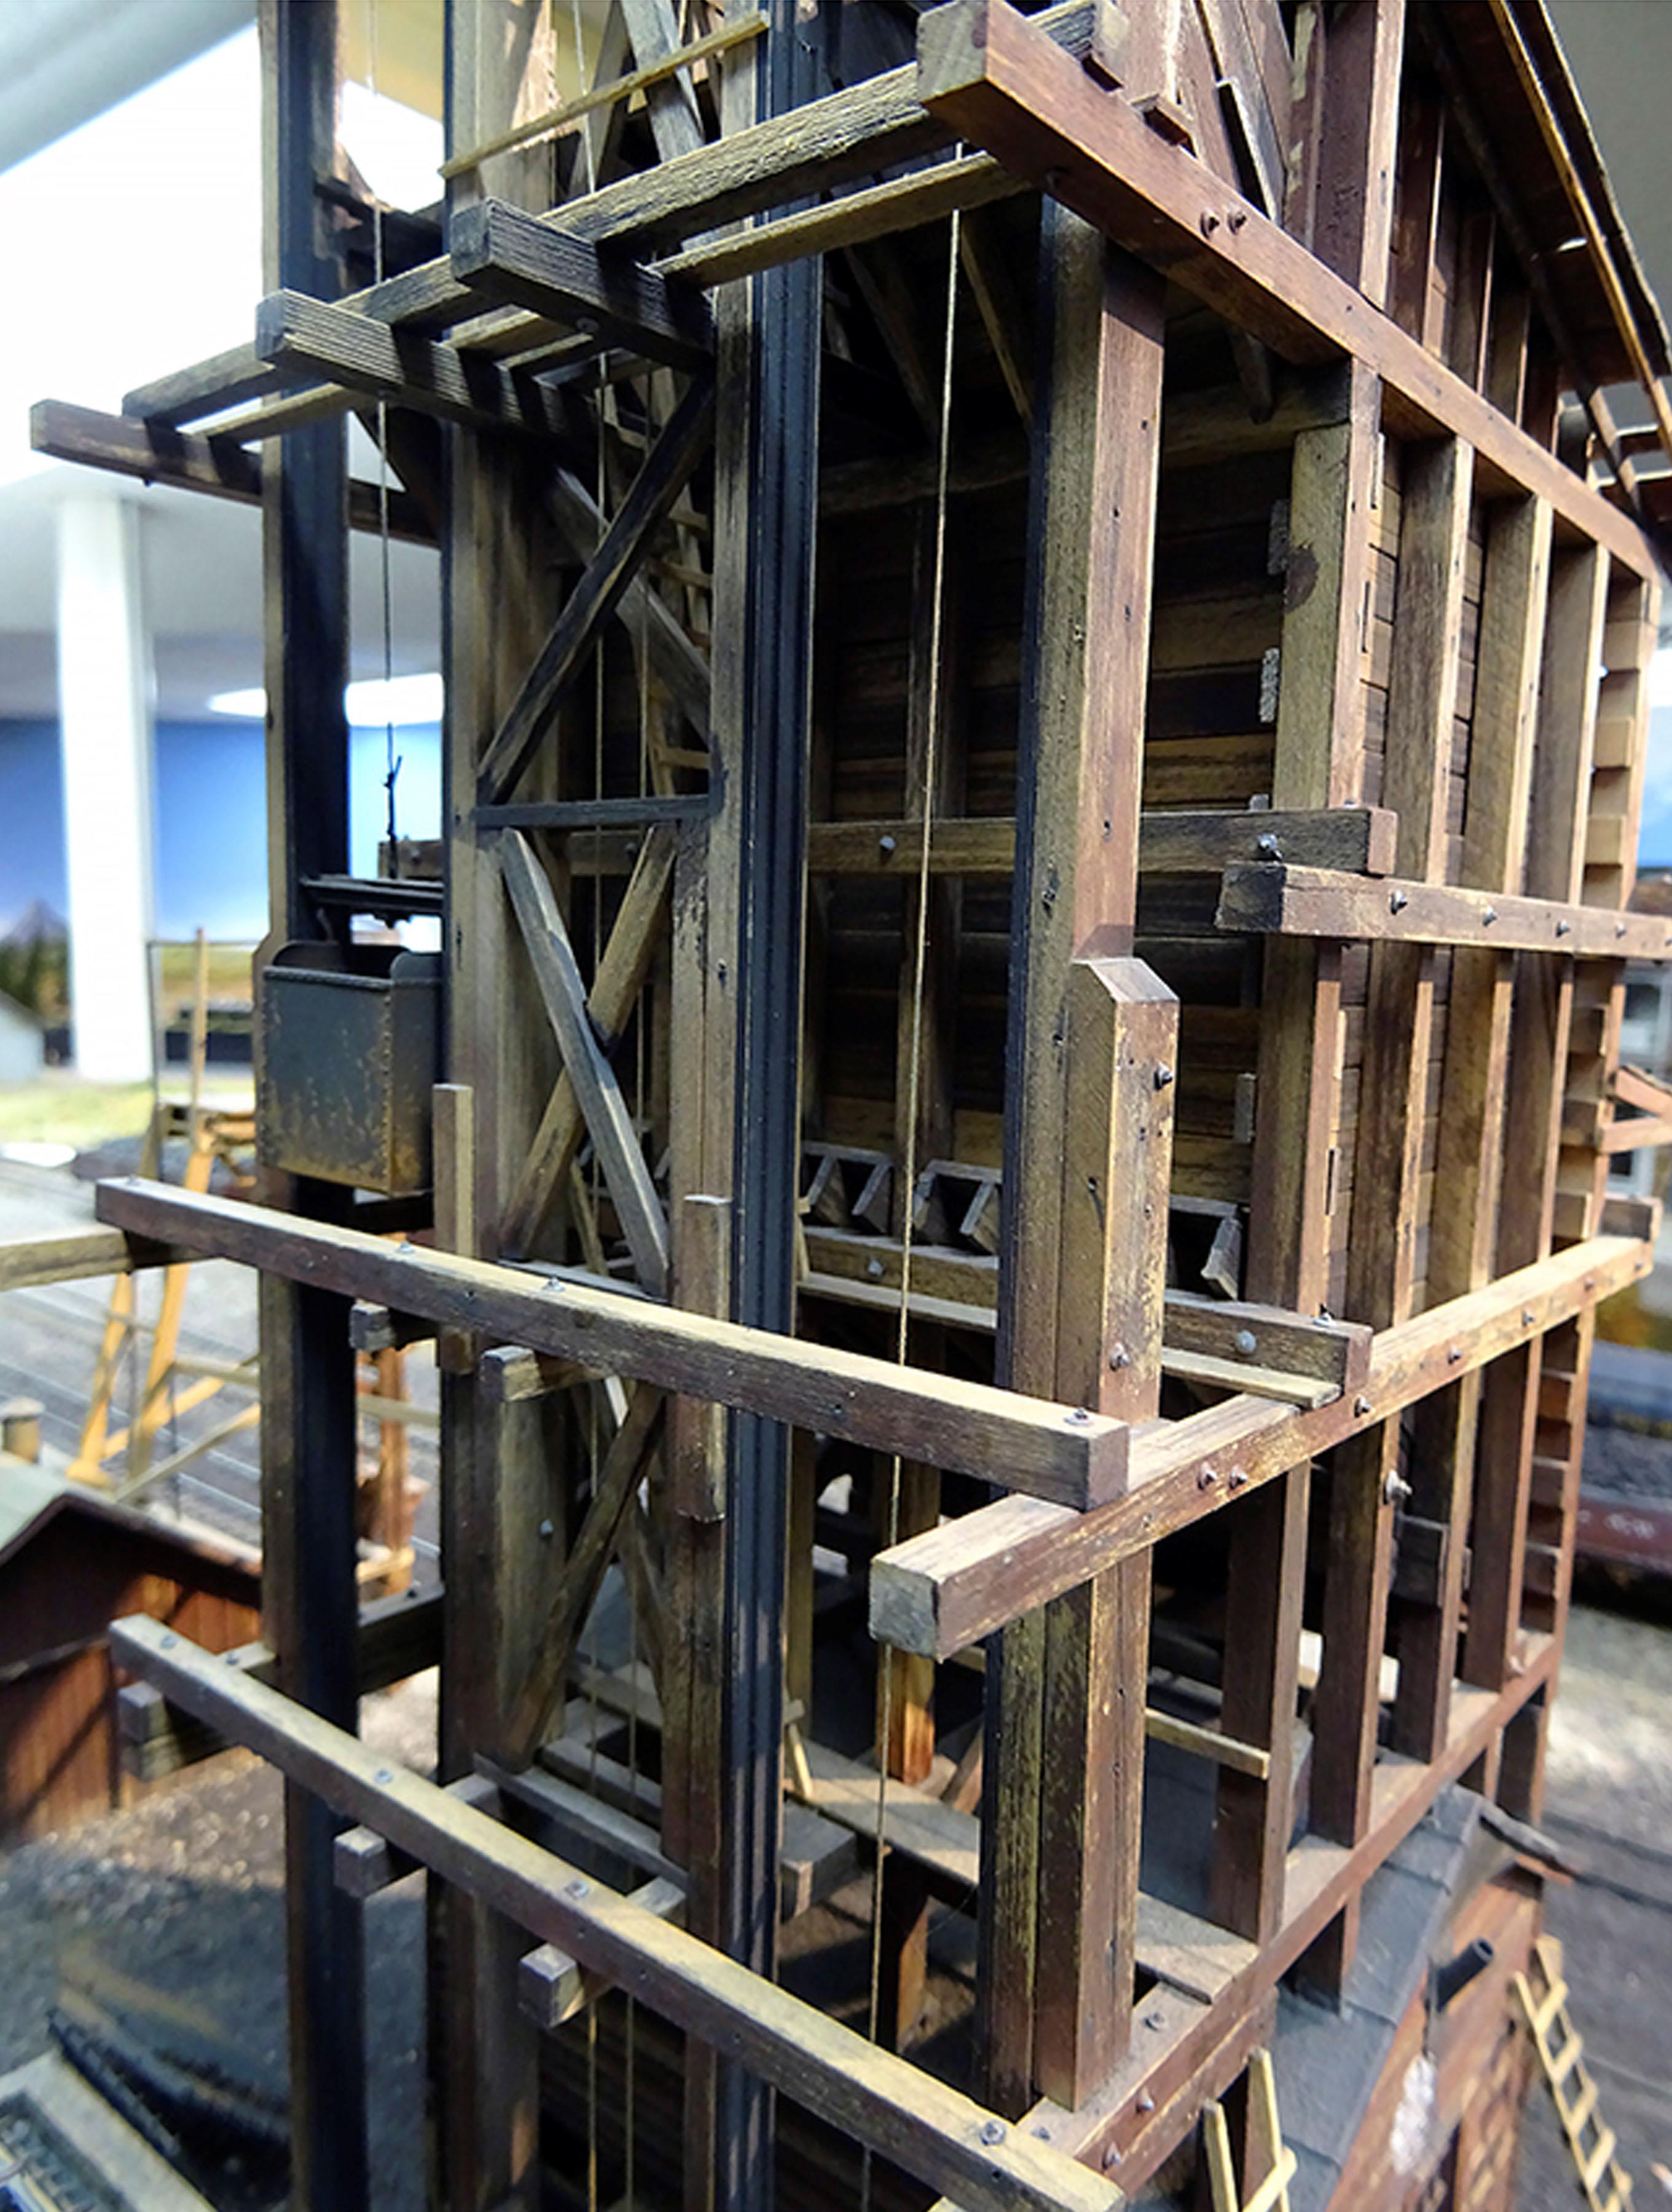 lex-coaling-tower-5.jpg